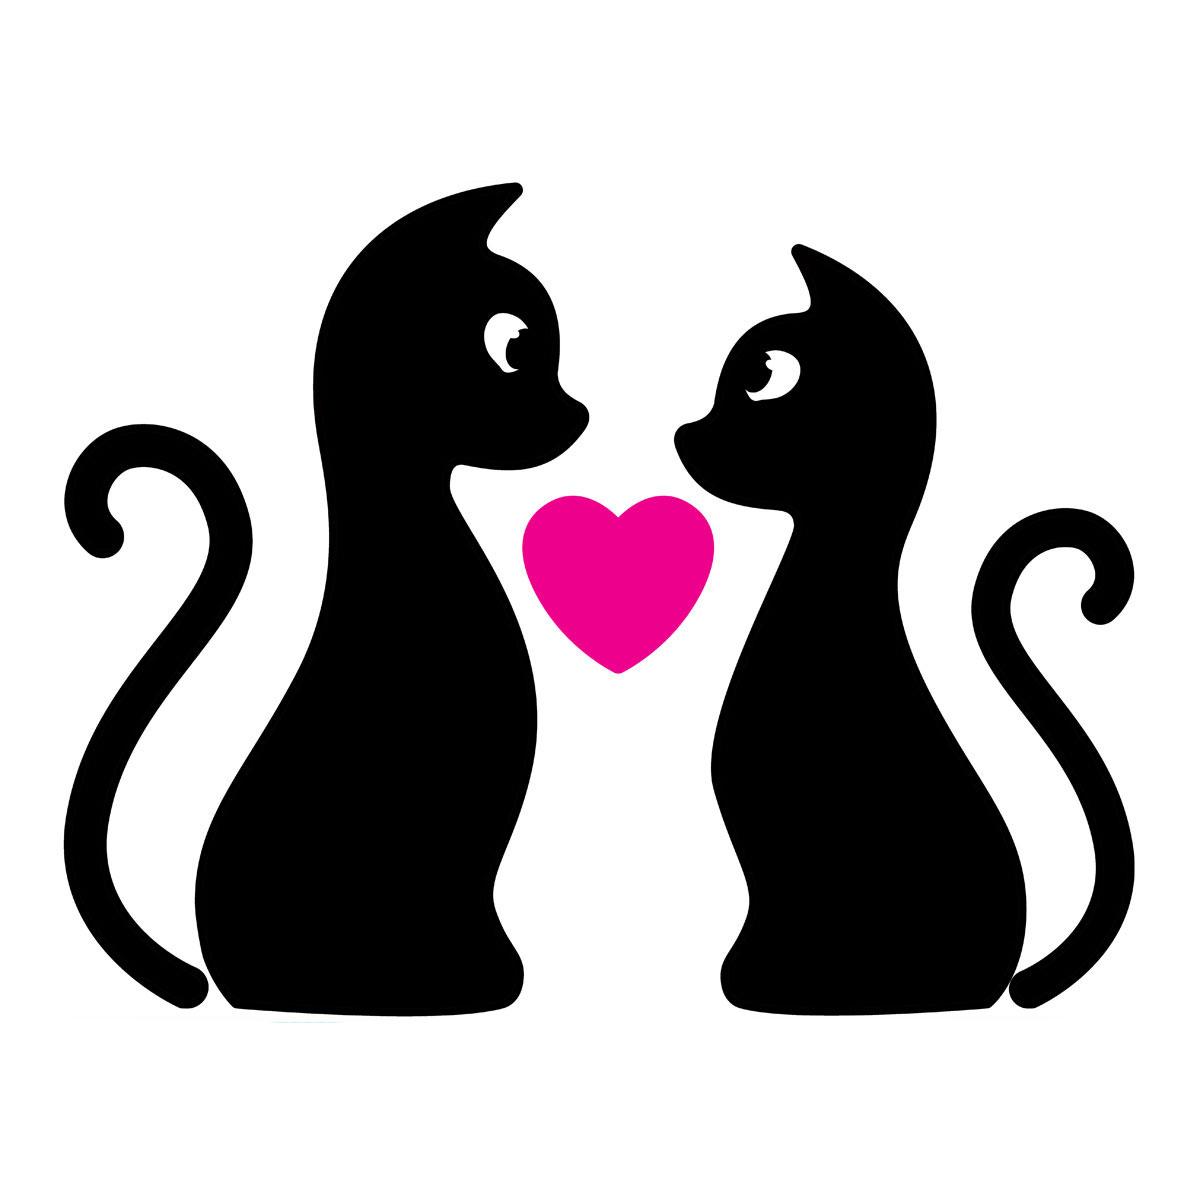 Украшение для стен и предметов интерьера Decoretto Влюбленные котыHJ 4013 ДекорУкрашение для стен и предметов интерьера Decoretto Влюбленные коты поможет украсить ваш дом. На одном листе расположены наклейки в виде кота, кошки и сердца. Наклейки Decoretto - это наклейки многоразового использования. Придумав новую композицию и выбрав новое место в доме, вы легко сможете переклеить наклейки снова и снова, ведь они не повреждают поверхность и не оставляют следов. Наклейки Decoretto прекрасно украсят стены, окна, двери, кафельную плитку, зеркала и другие поверхности. Так просто изменить интерьер вокруг себя: в детской комнате и гостиной, на кухне и в прихожей. Создайте в своем доме атмосферу тепла, веселья и радости, украшая его всей семьей. Состав: пленка самоклеящаяся, водостойкая. Размер листа: 51 х 33 см. Количество наклеек на листе: 3 шт. Размер наклеек: 32,5 х 20,5 см; 30 х 18 см; 7 х 6,5 см.